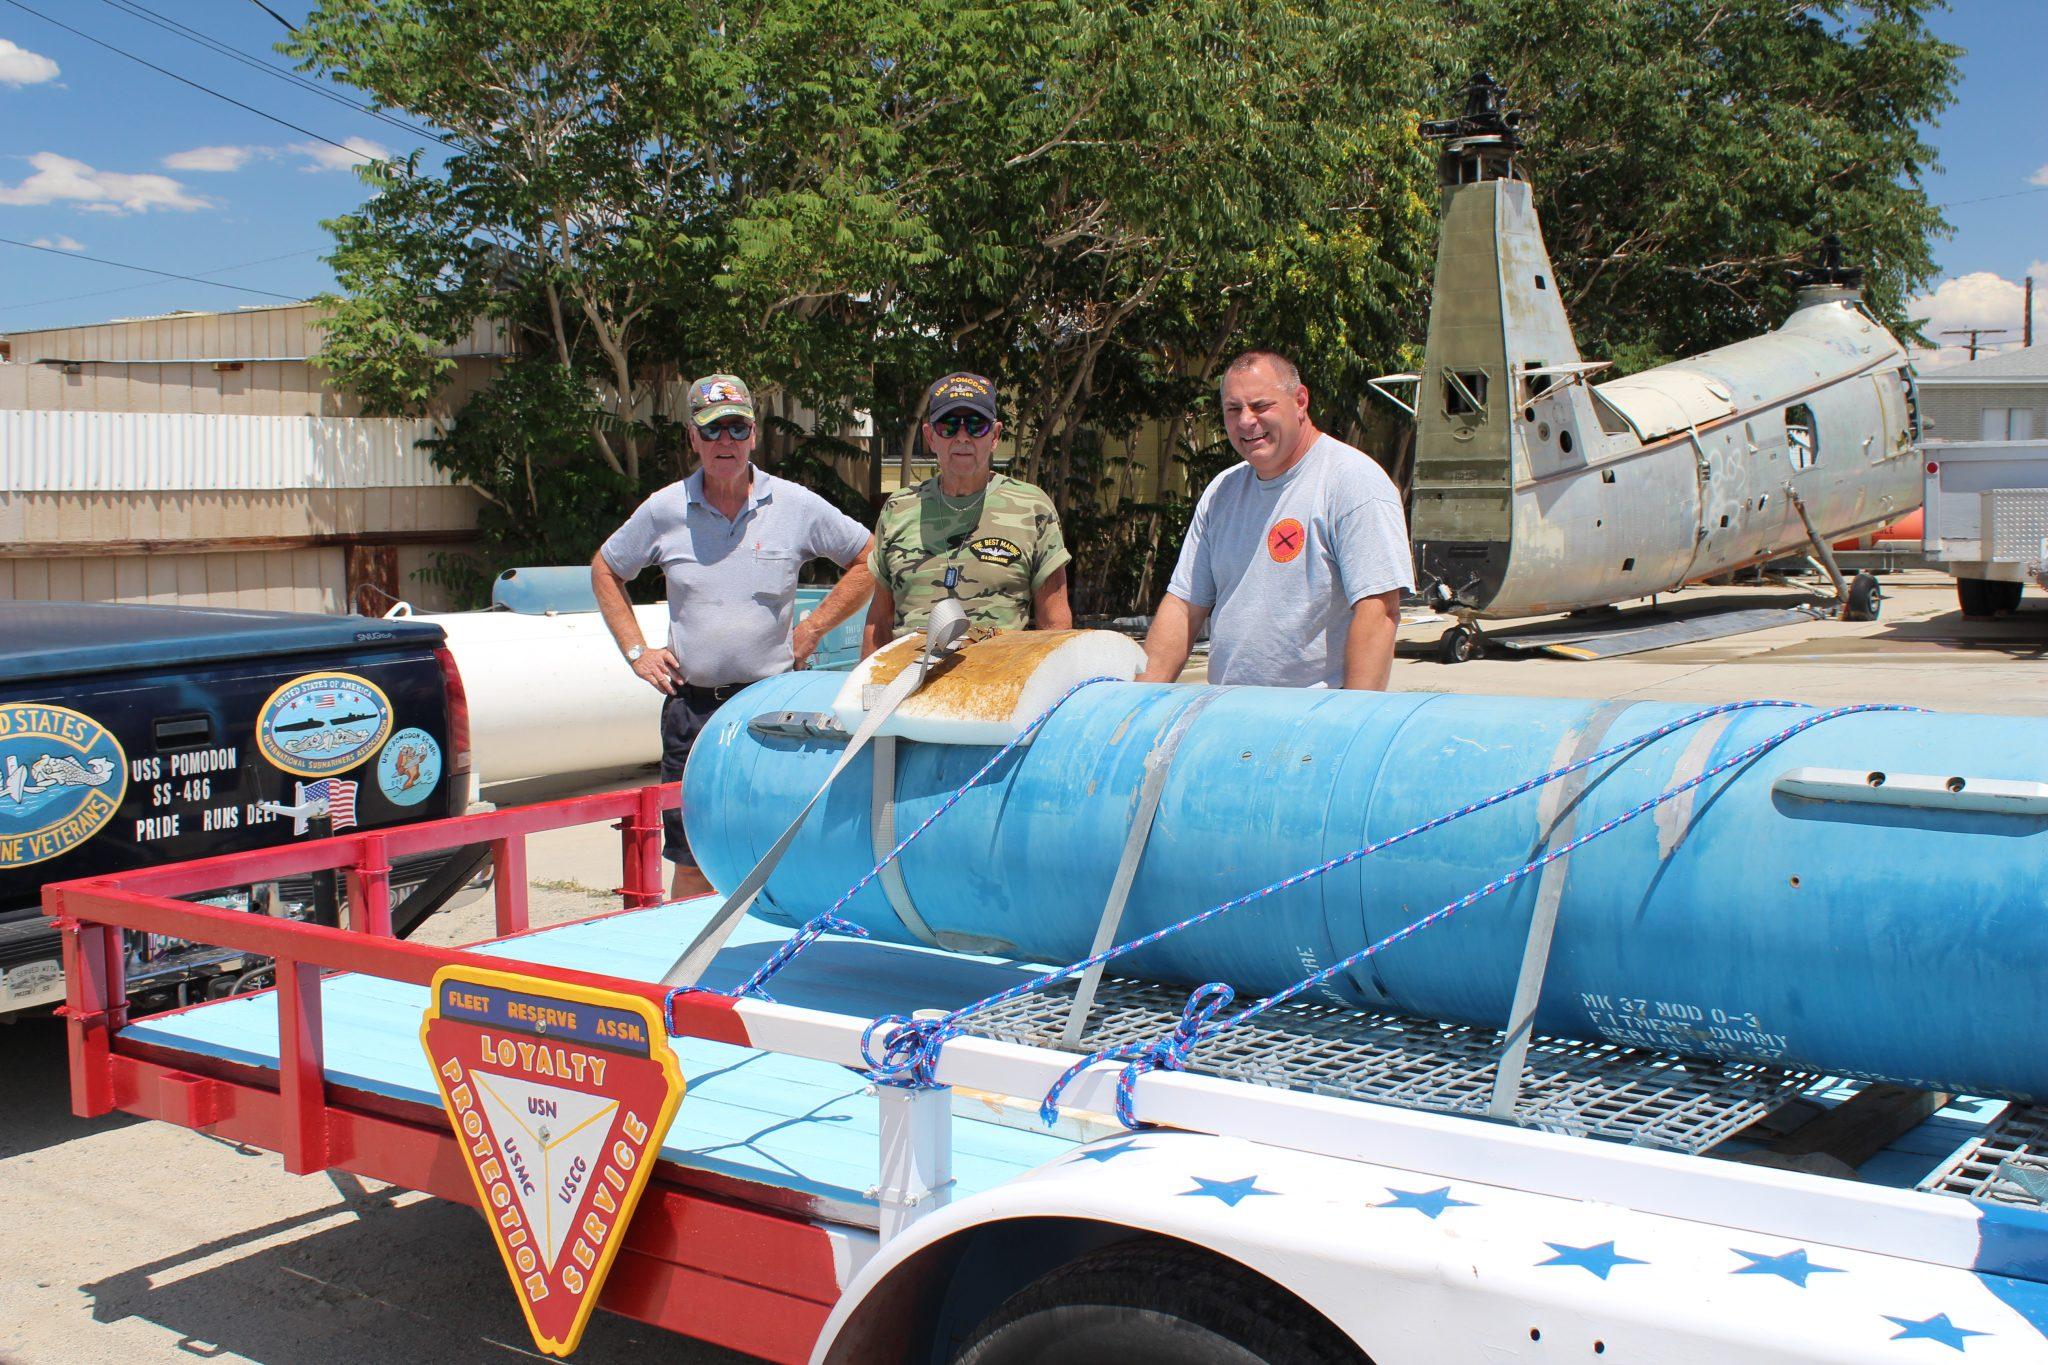 Inert torpedo donated to Fleet Reserve Association